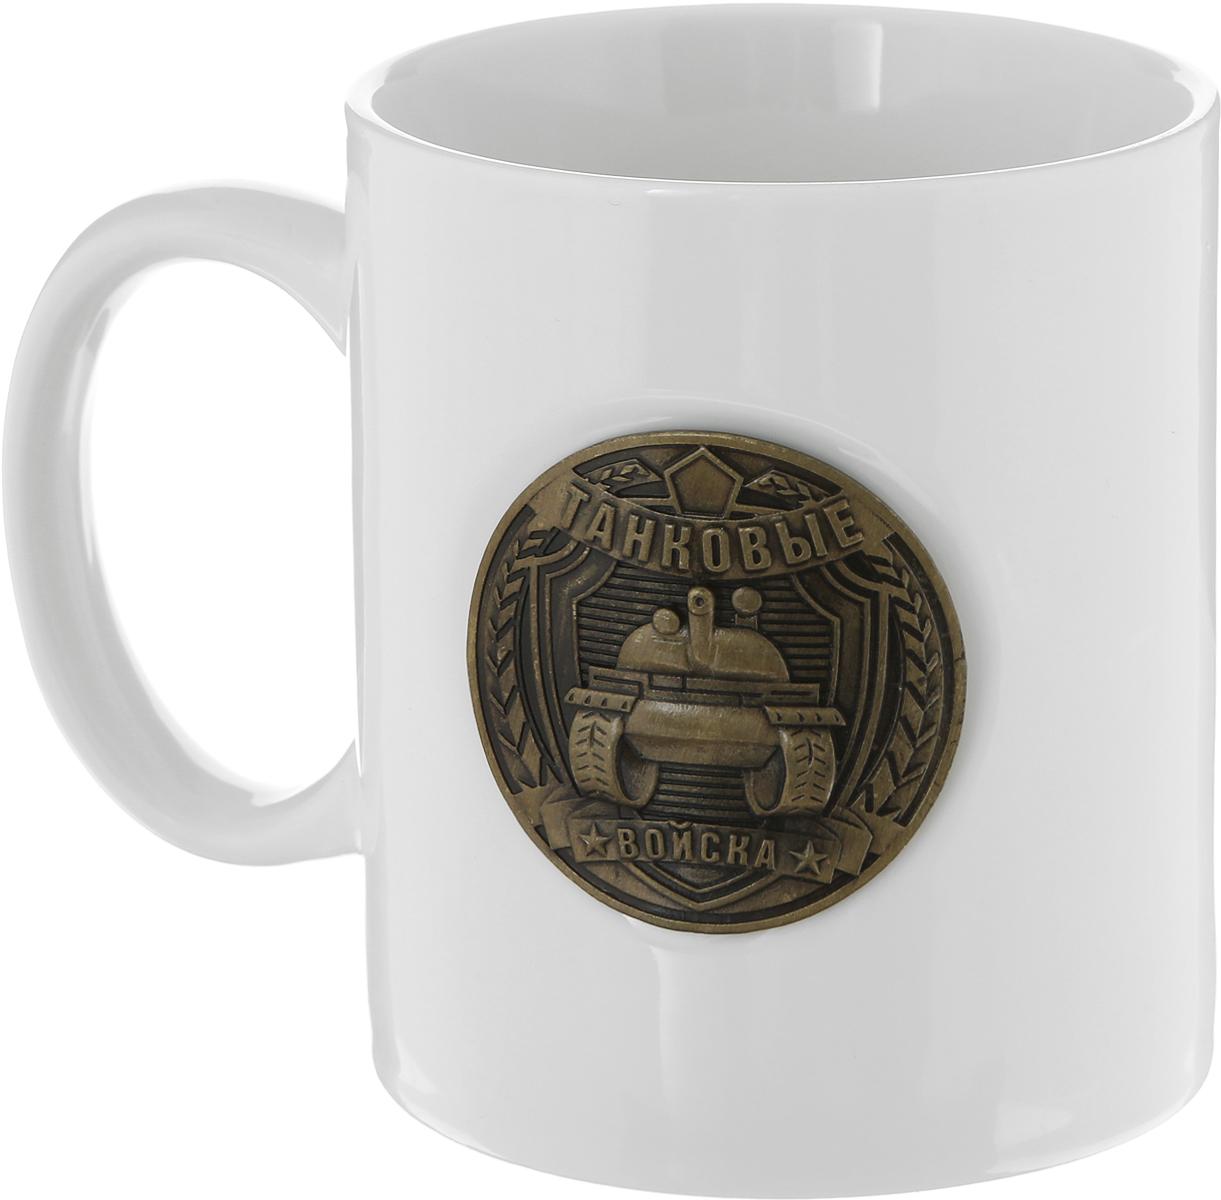 Кружка Sima-Land Танковые войска, цвет: белый, 300 мл. 15076841507684_белыйРазберись с жаждой по-мужски! Авторский дизайн, оригинальный декор, оптимальный объем - отличительныечерты этой кружки. Налейте в нее горячий свежезаваренный кофе или крепкийароматный чай, и каждый глоток будет сокрушительным ударом по врагам:сонливости, вялости и апатии! Изделие упаковано в подарочную картонную коробку.